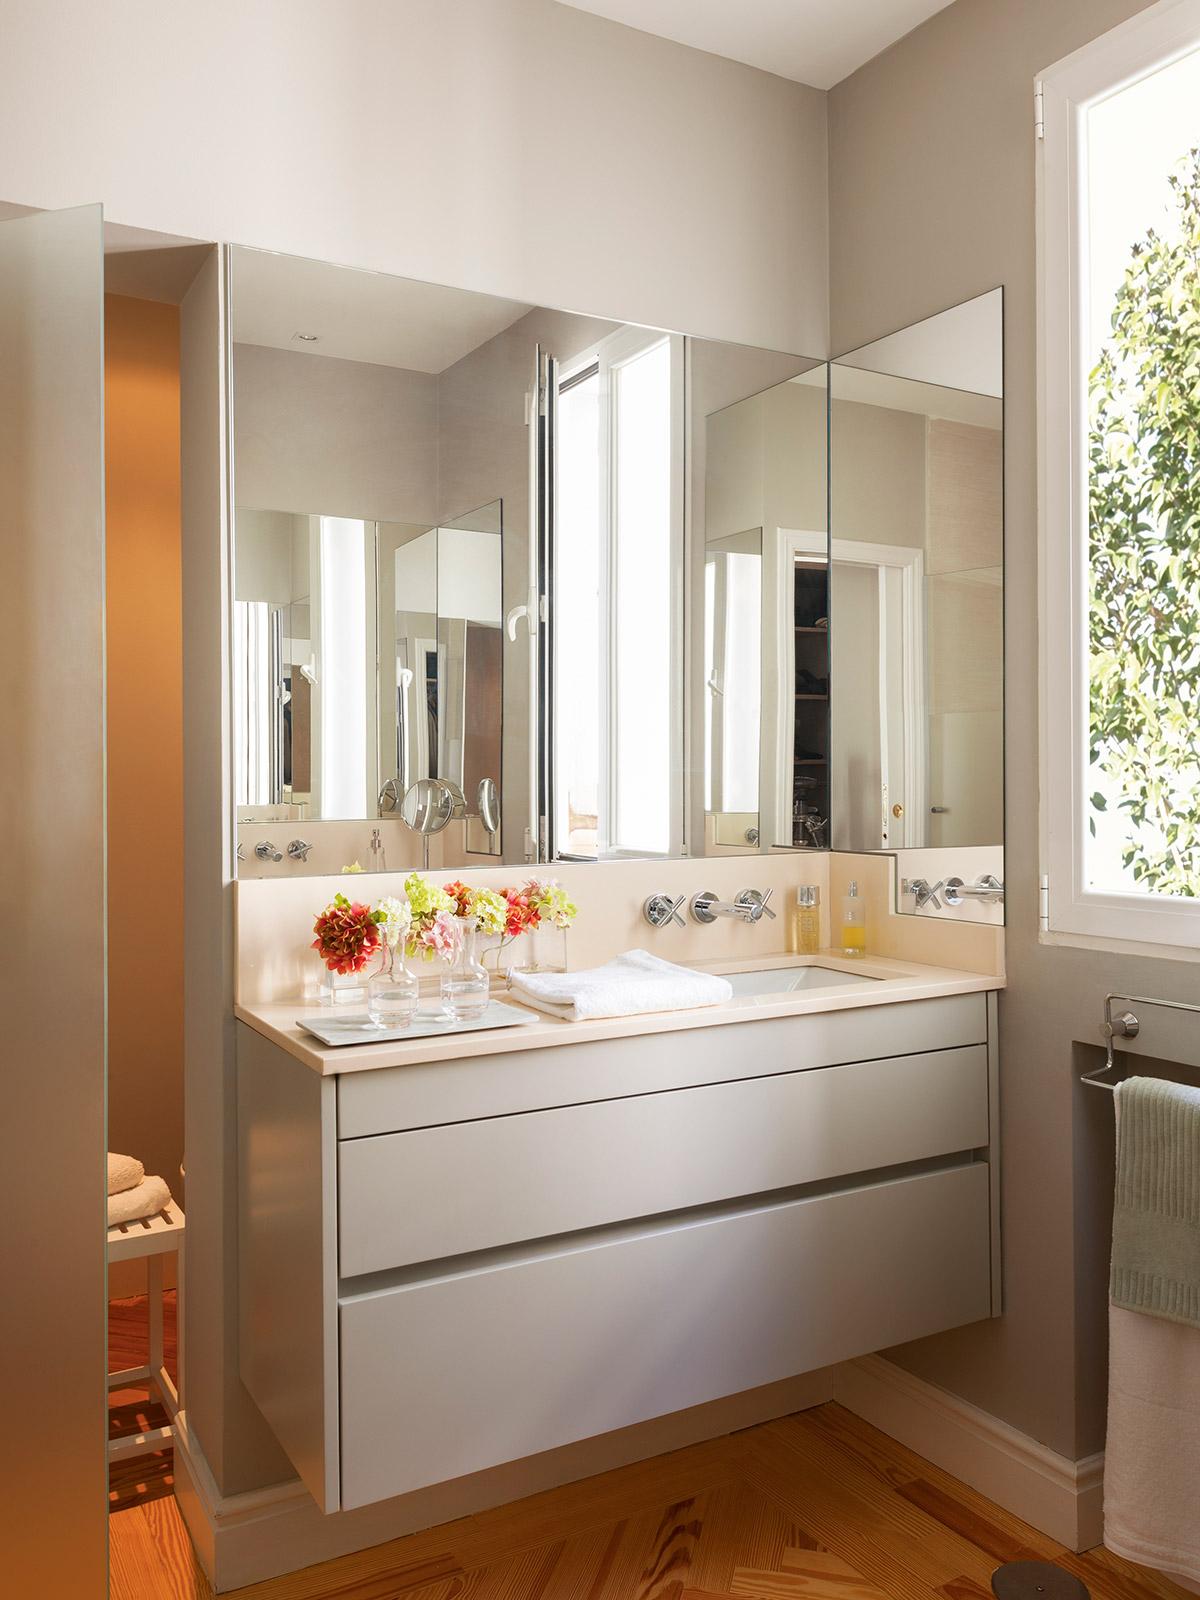 Ideas para aprovechar al m ximo el espacio de un piso peque o for Mueble encimera bano